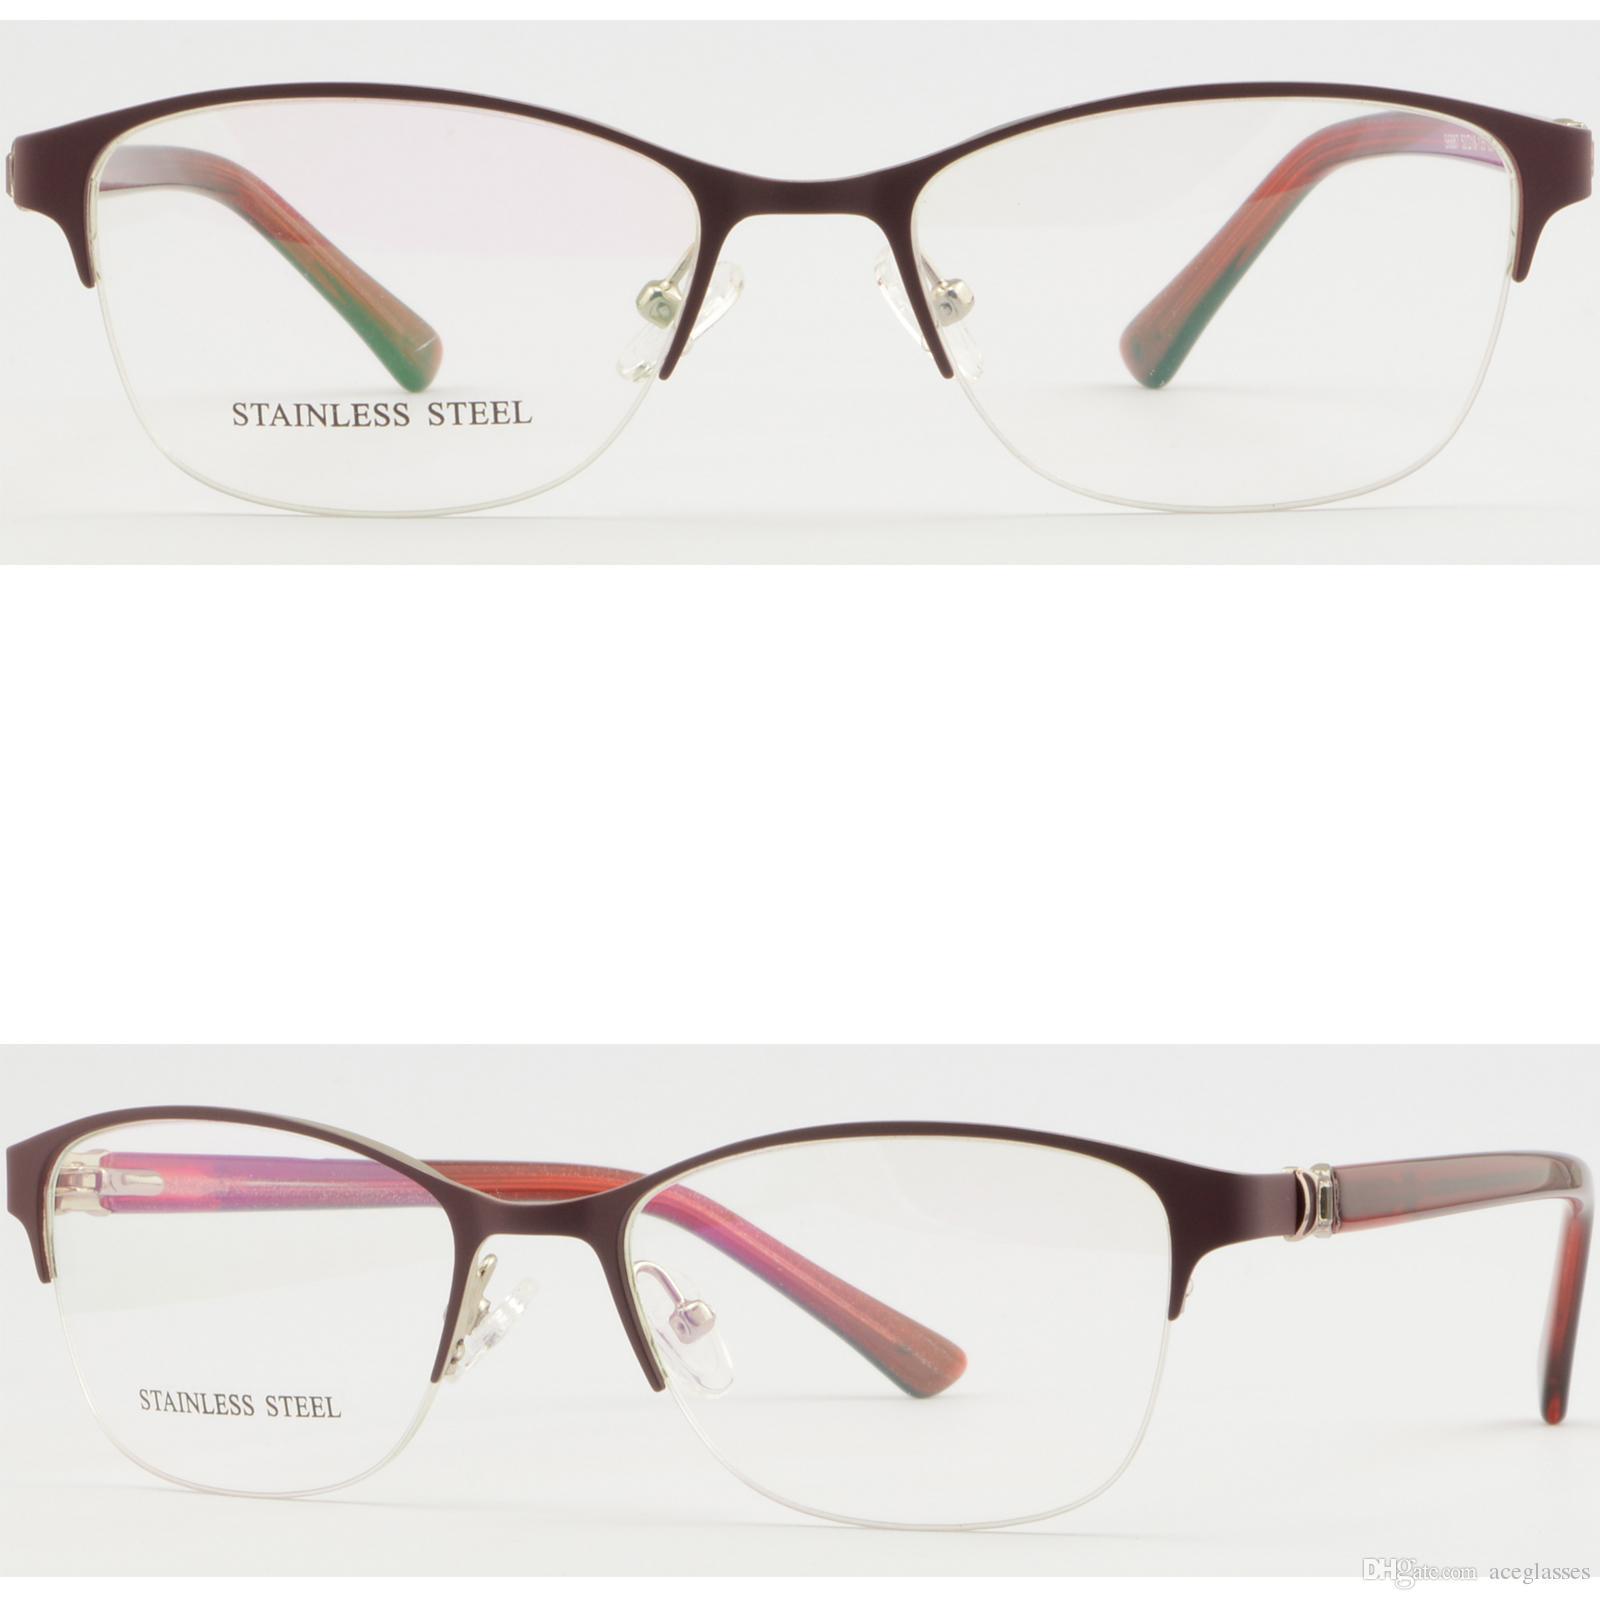 6a6e658a9a Half Rim Womens Metal Frame Red RX Prescription Glasses Eyeglasses Spring  Hinges Plastic Frames Popular Eyeglass Frames From Aceglasses